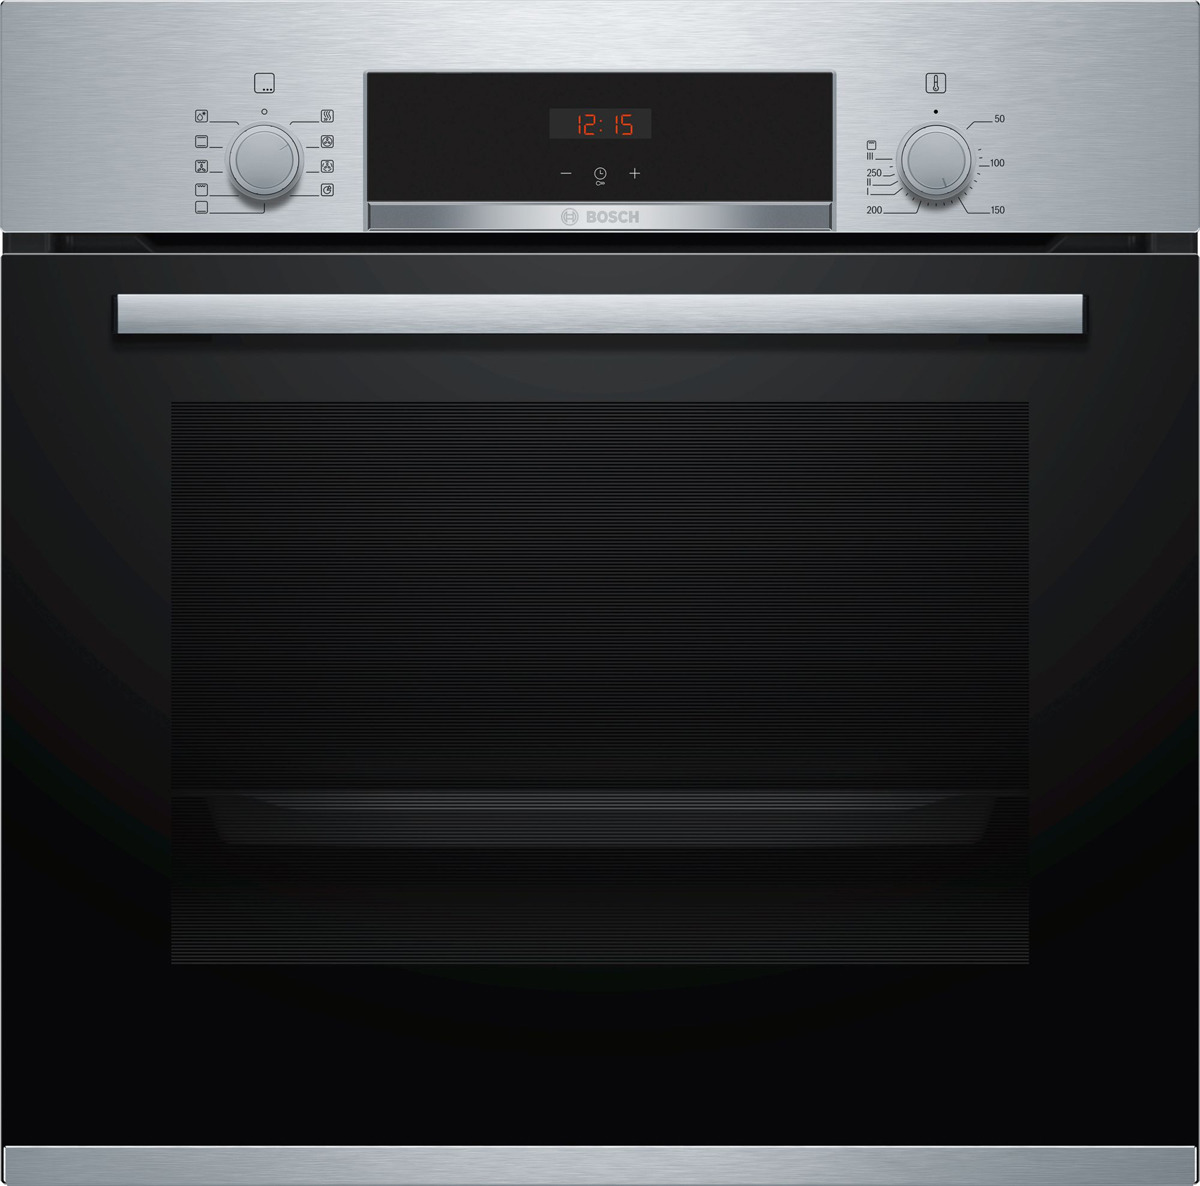 Духовой шкаф электрический встраиваемый Bosch Serie 4 HBF534ES0R